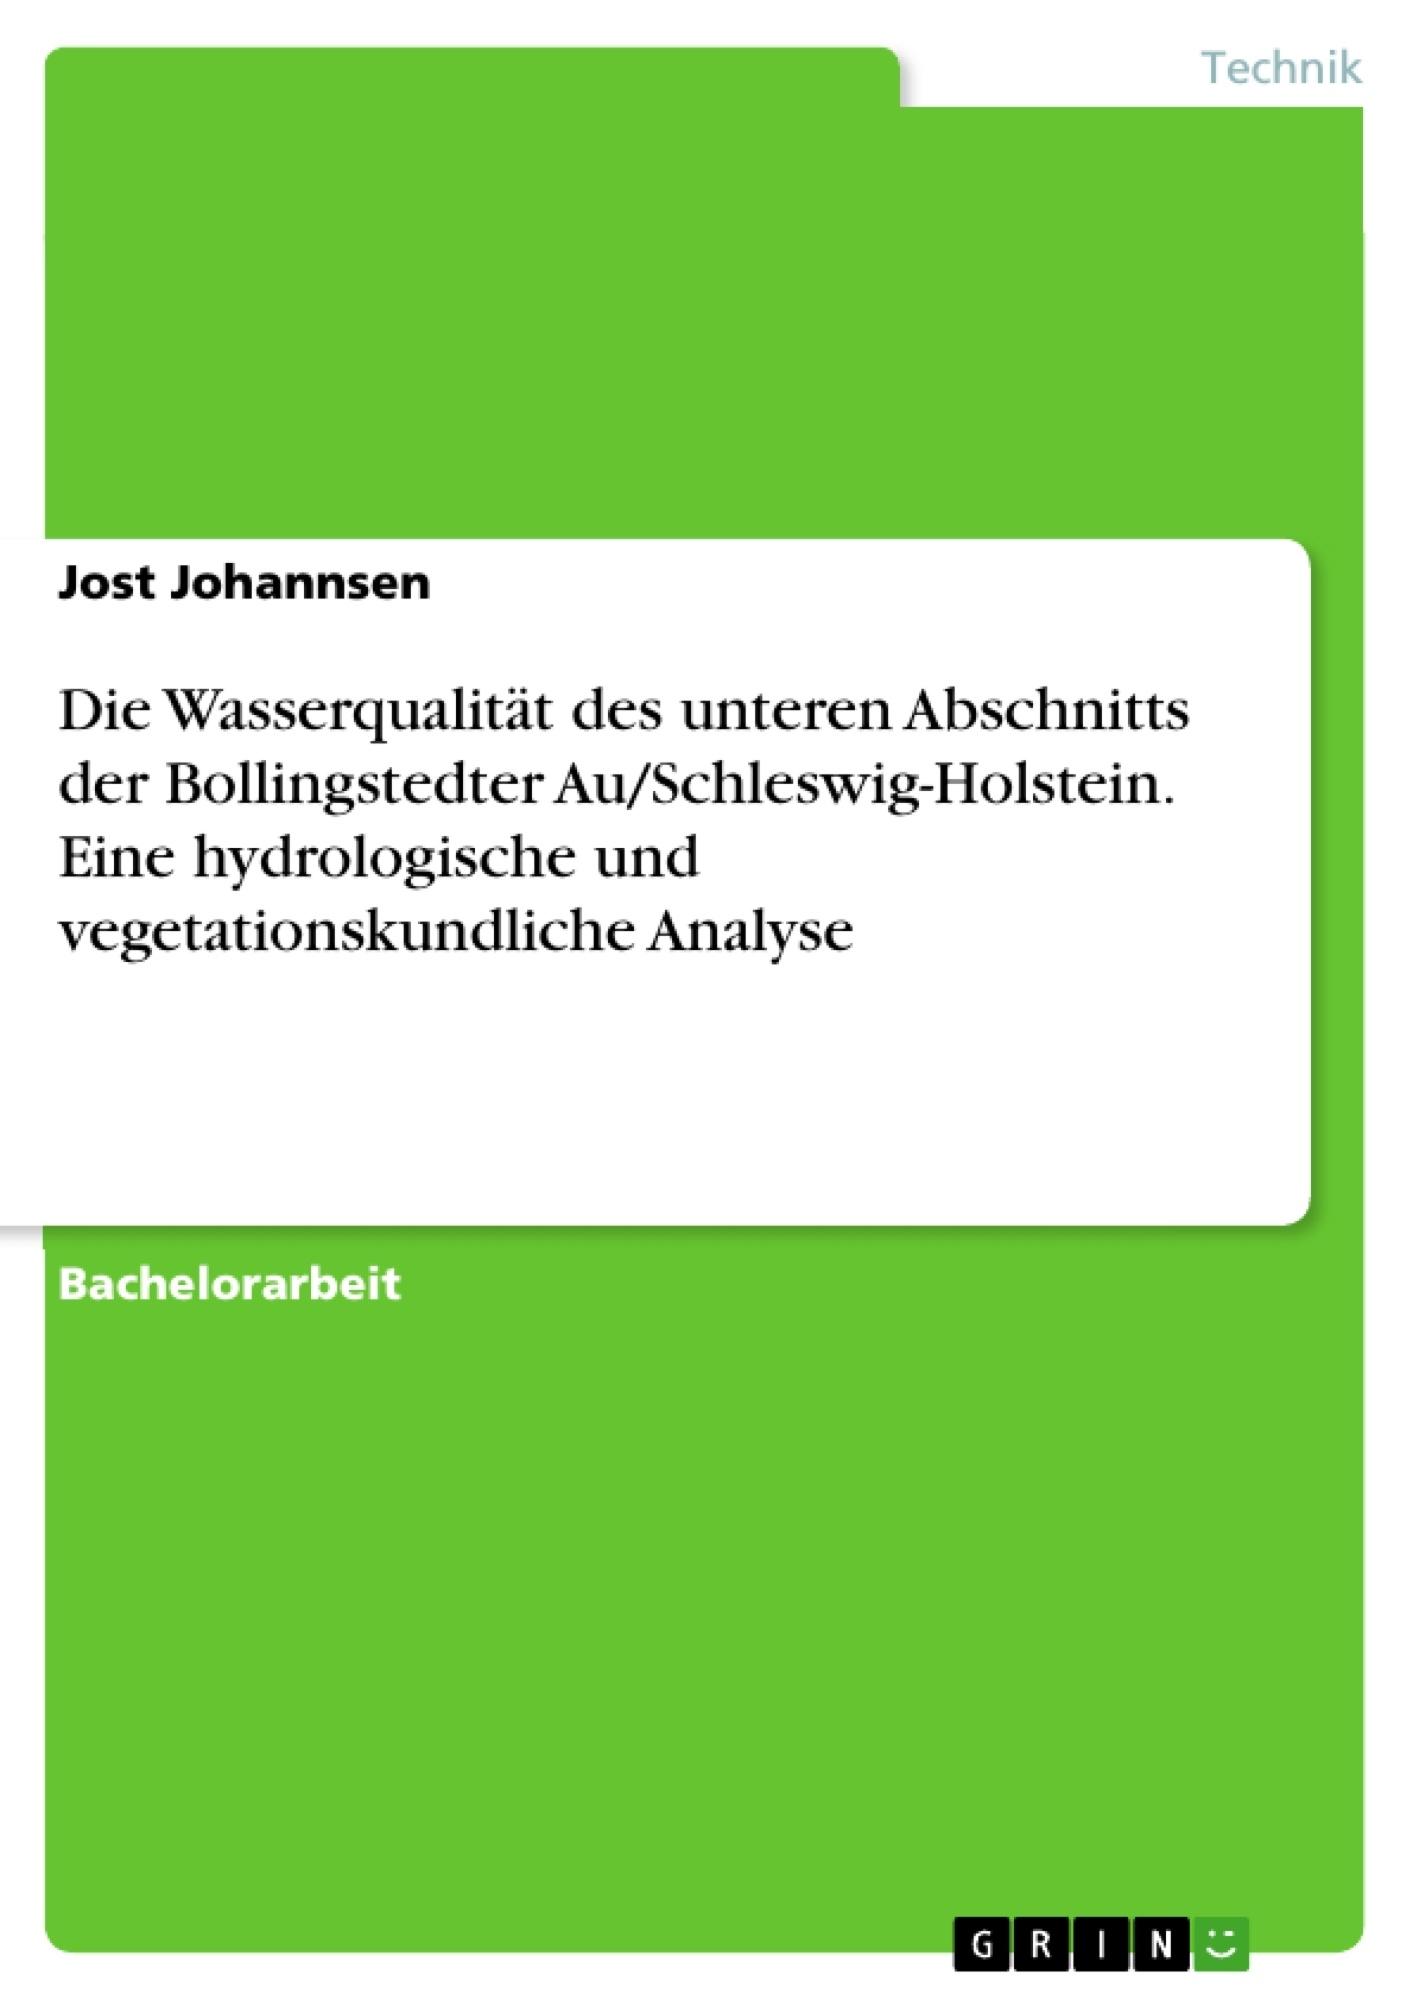 Titel: Die Wasserqualität des unteren Abschnitts der Bollingstedter Au/Schleswig-Holstein. Eine hydrologische und vegetationskundliche Analyse